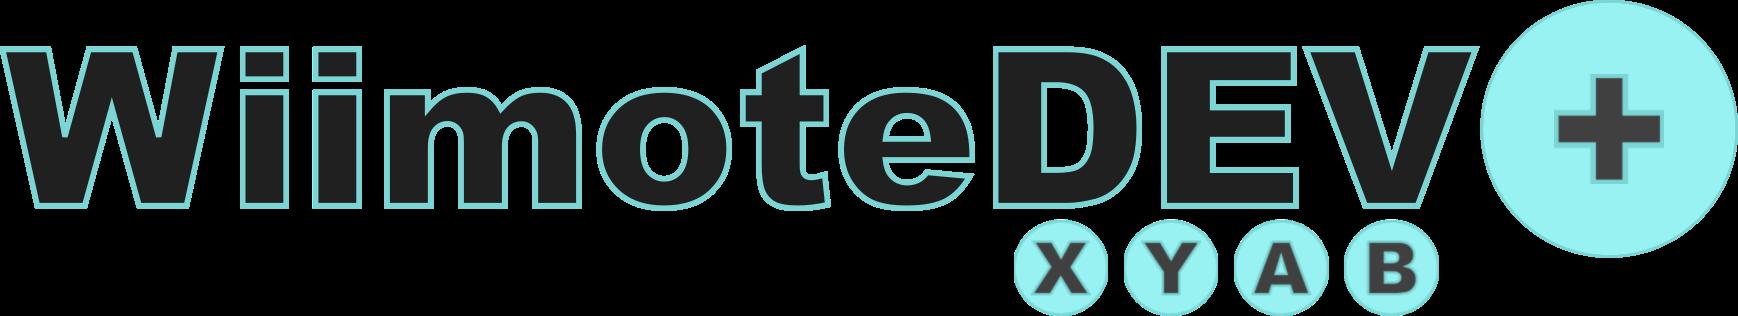 wiimotedev_logo